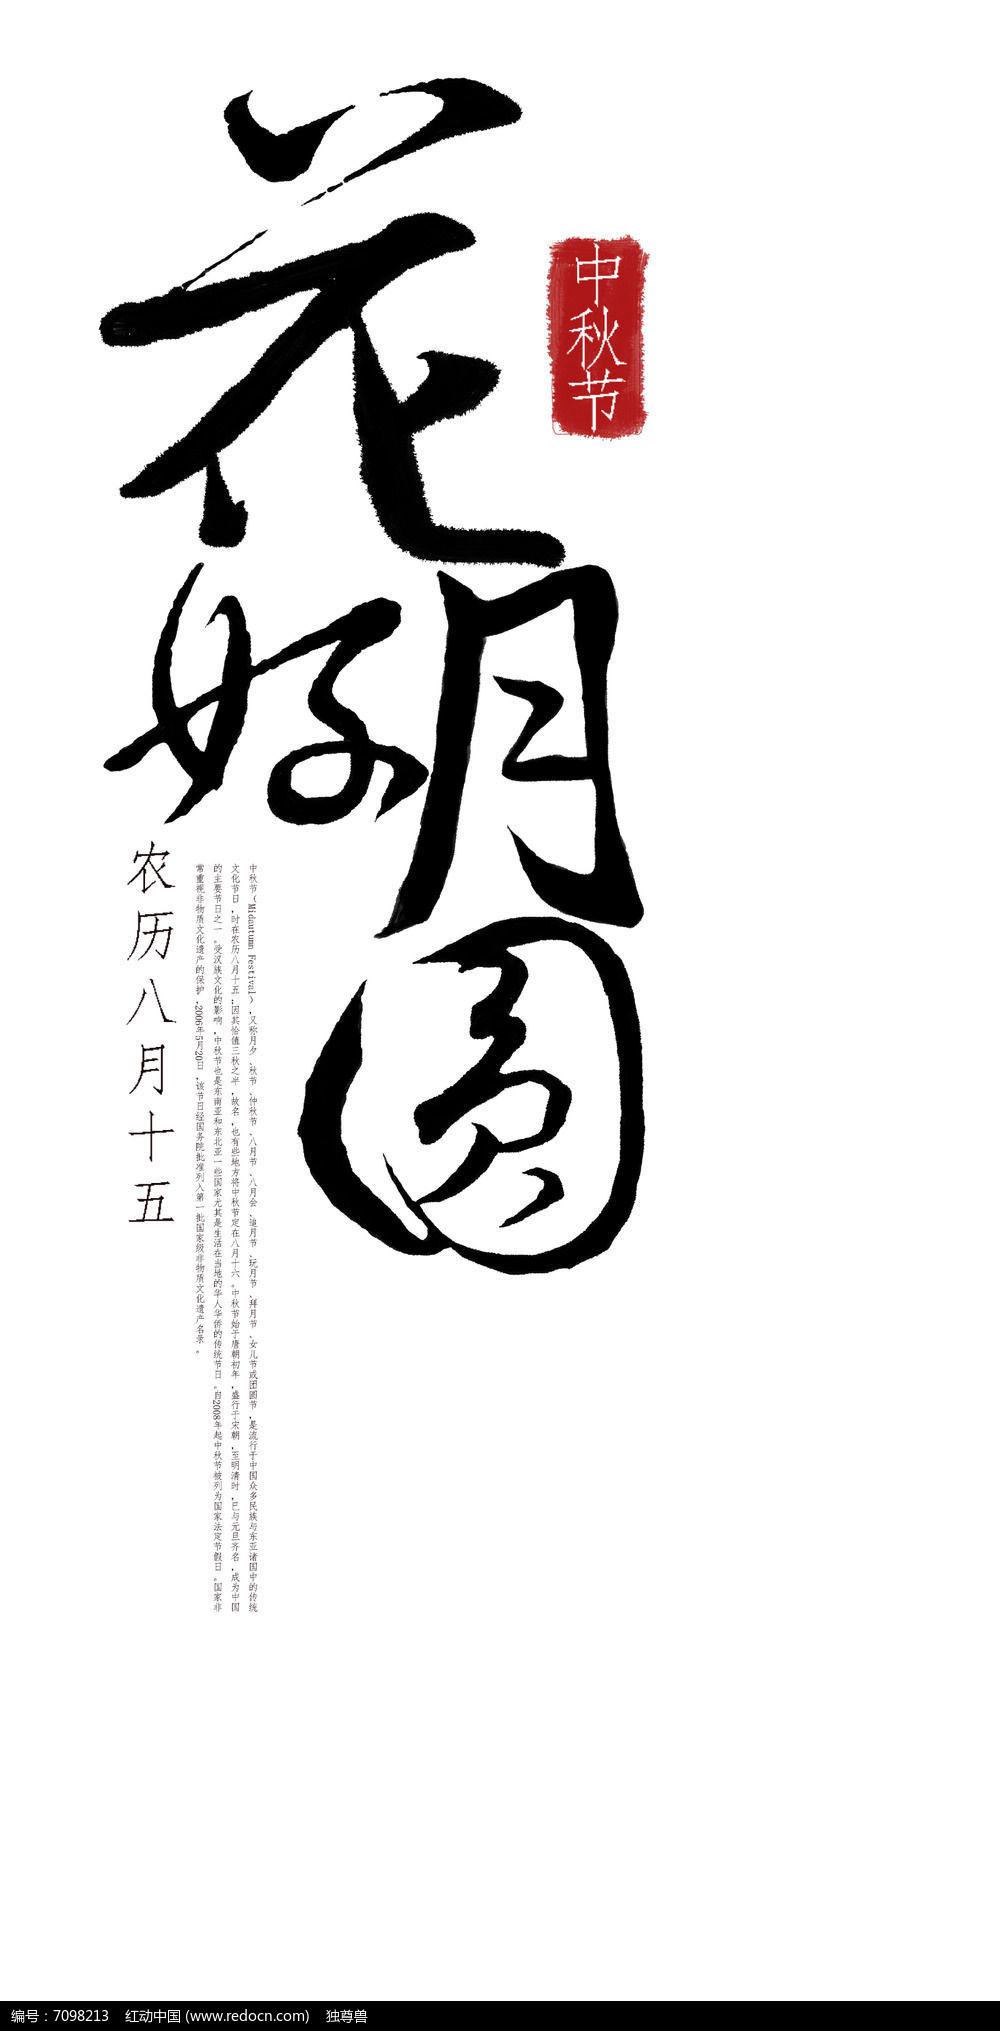 原创设计稿 字体设计/艺术字 书法字体 花好月圆中秋节字体设计  请您图片